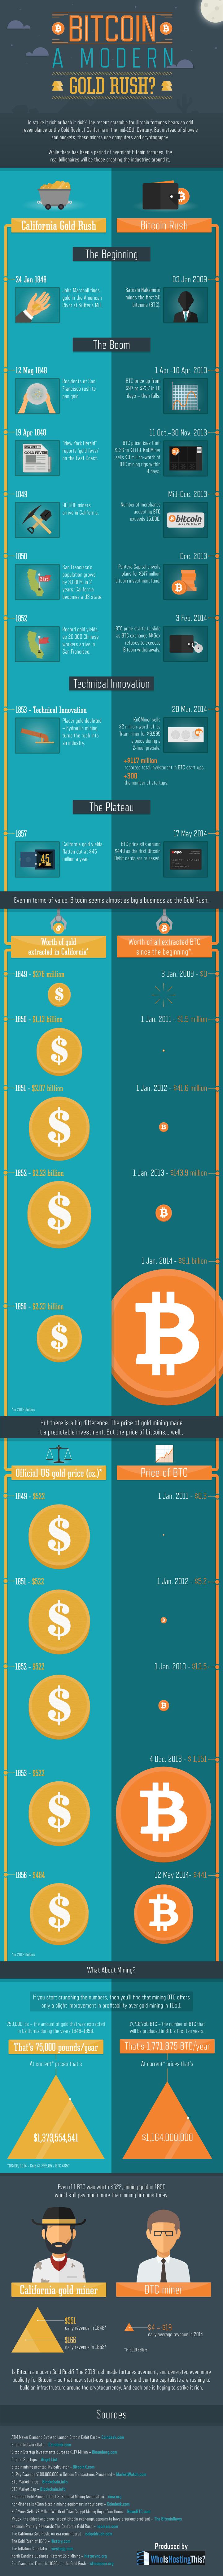 Bitcoin-a-modern-gold-rush-final